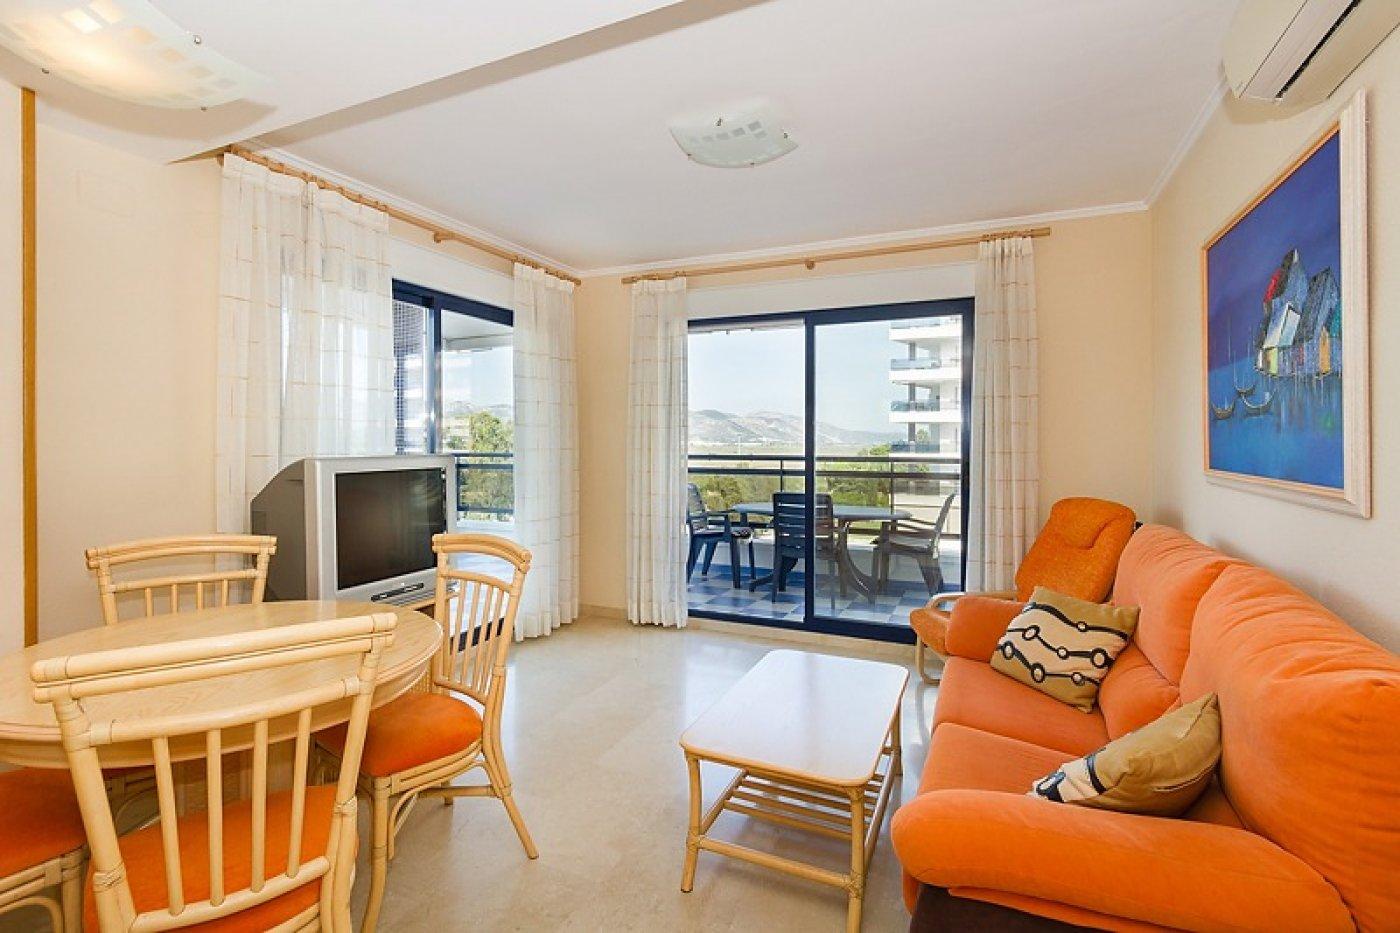 Magni?fico apartamento en gandia, residencial el eden, dos caras de una misma casa. opciÓn - imagenInmueble3